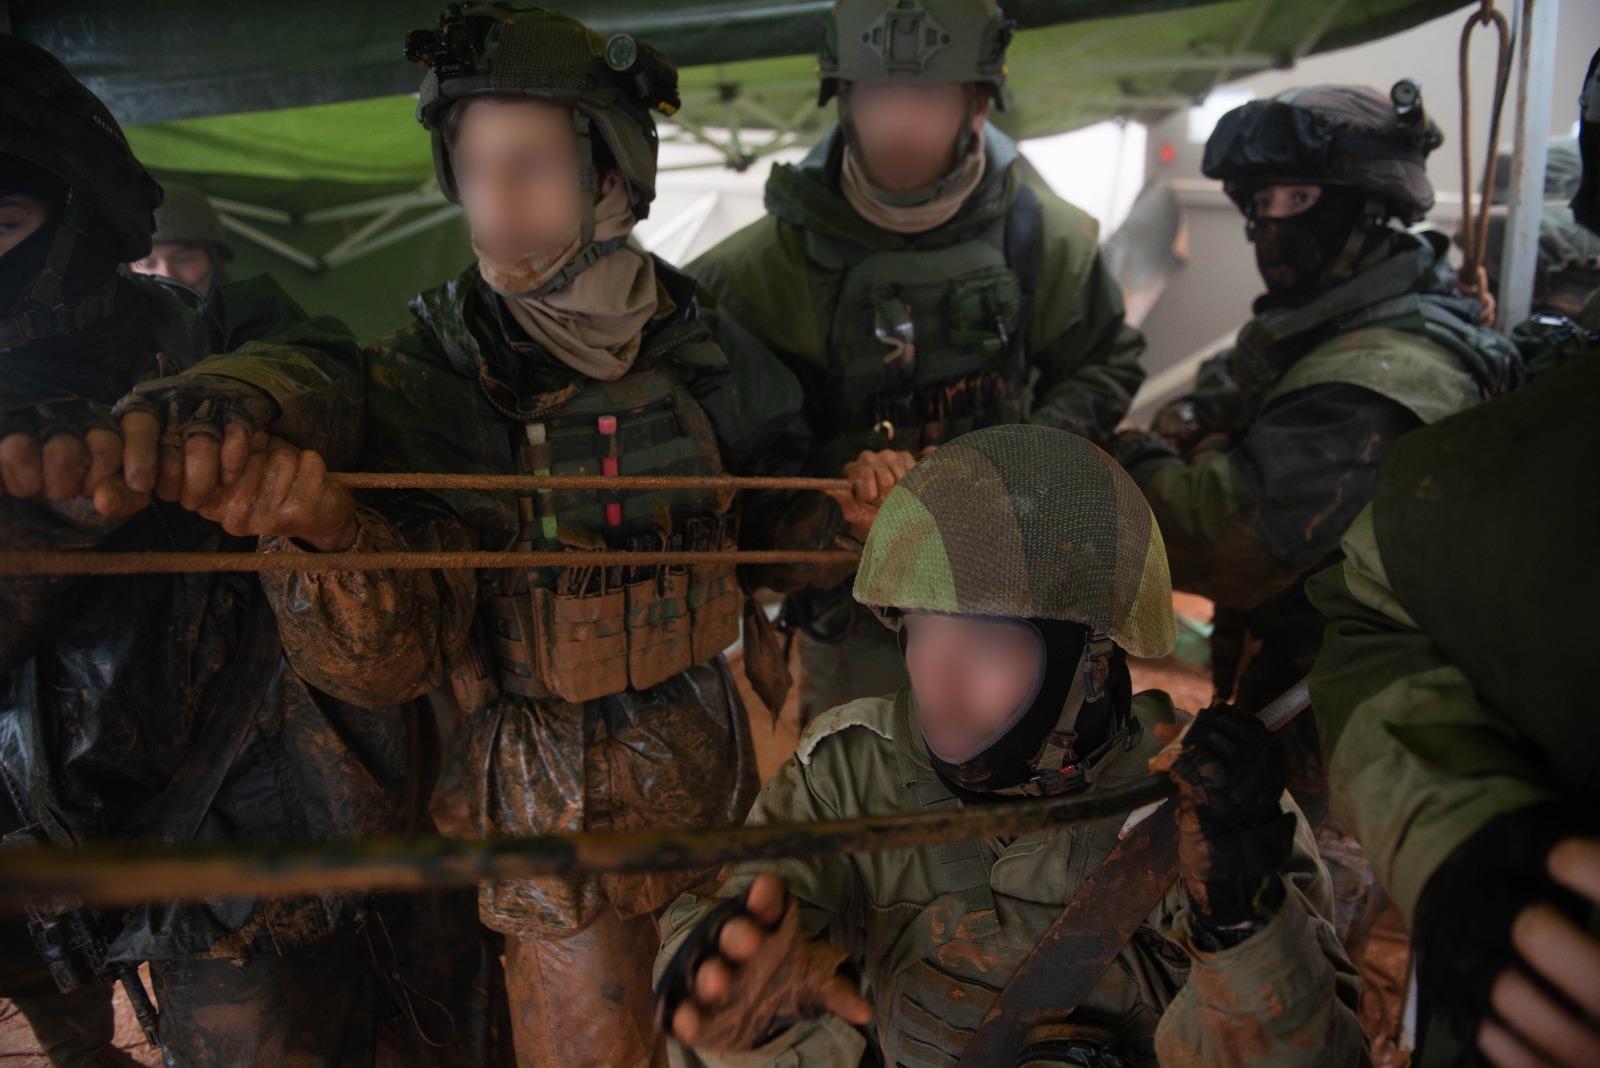 צבא חיילםי